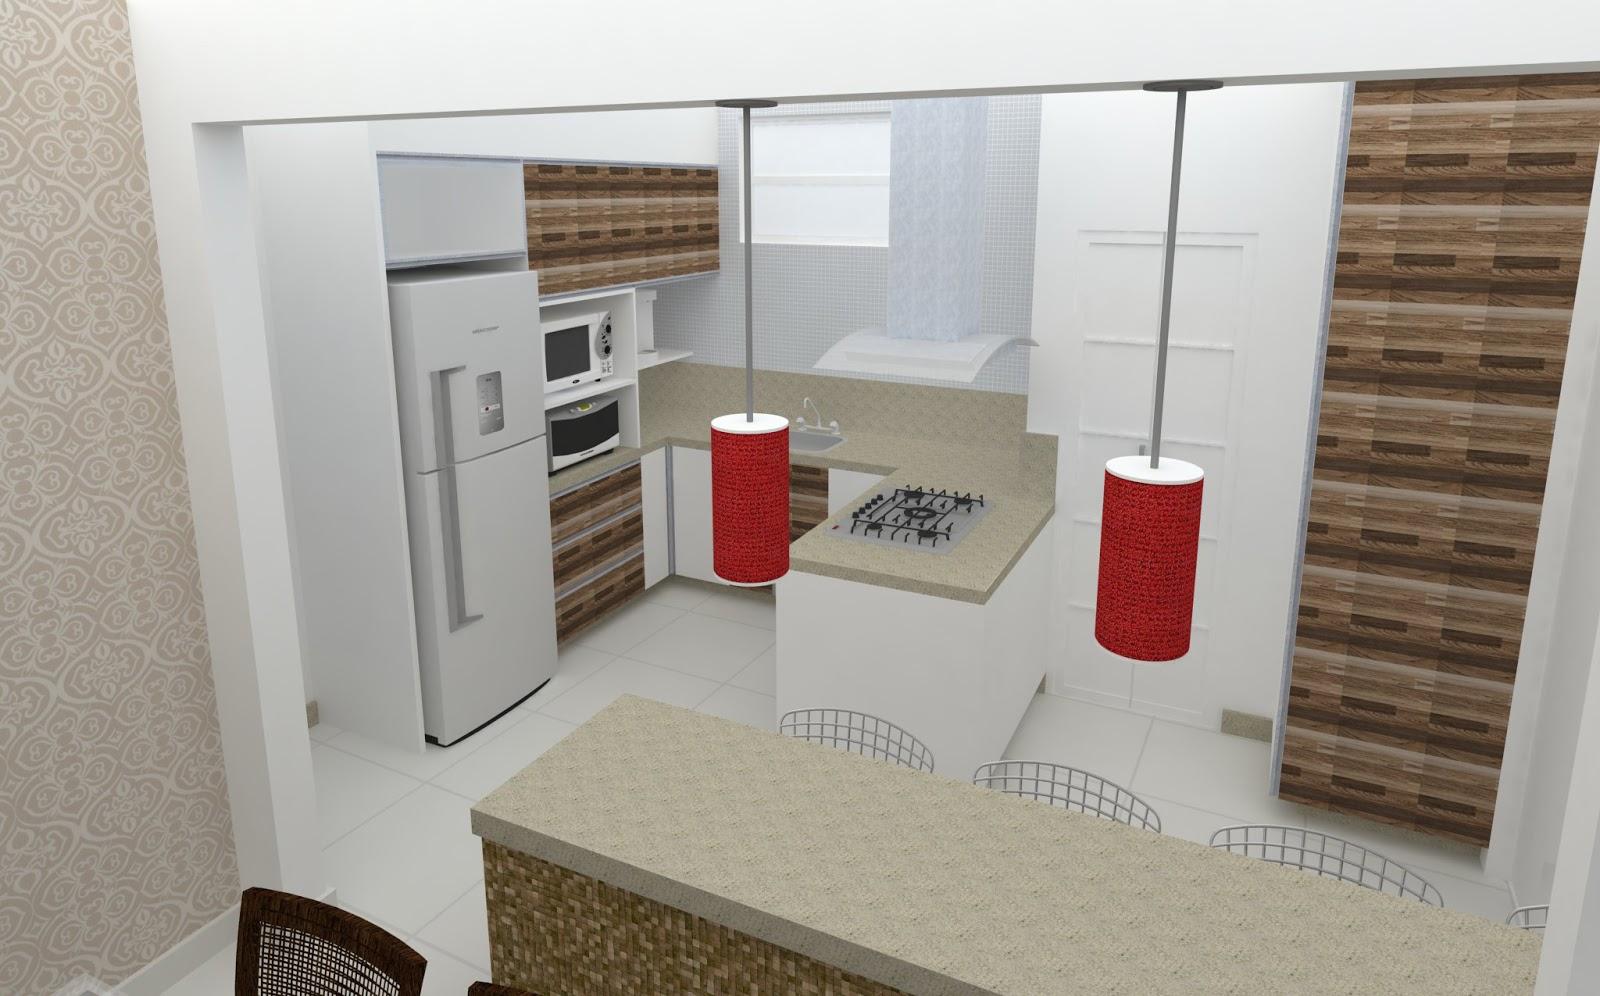 #6B3F30  Projeto Arquitetônico de Interior Refoma Cozinha /Lavanderia/ Sala 1600x996 px Projeto Cozinha Conjugada Lavanderia #2493 imagens